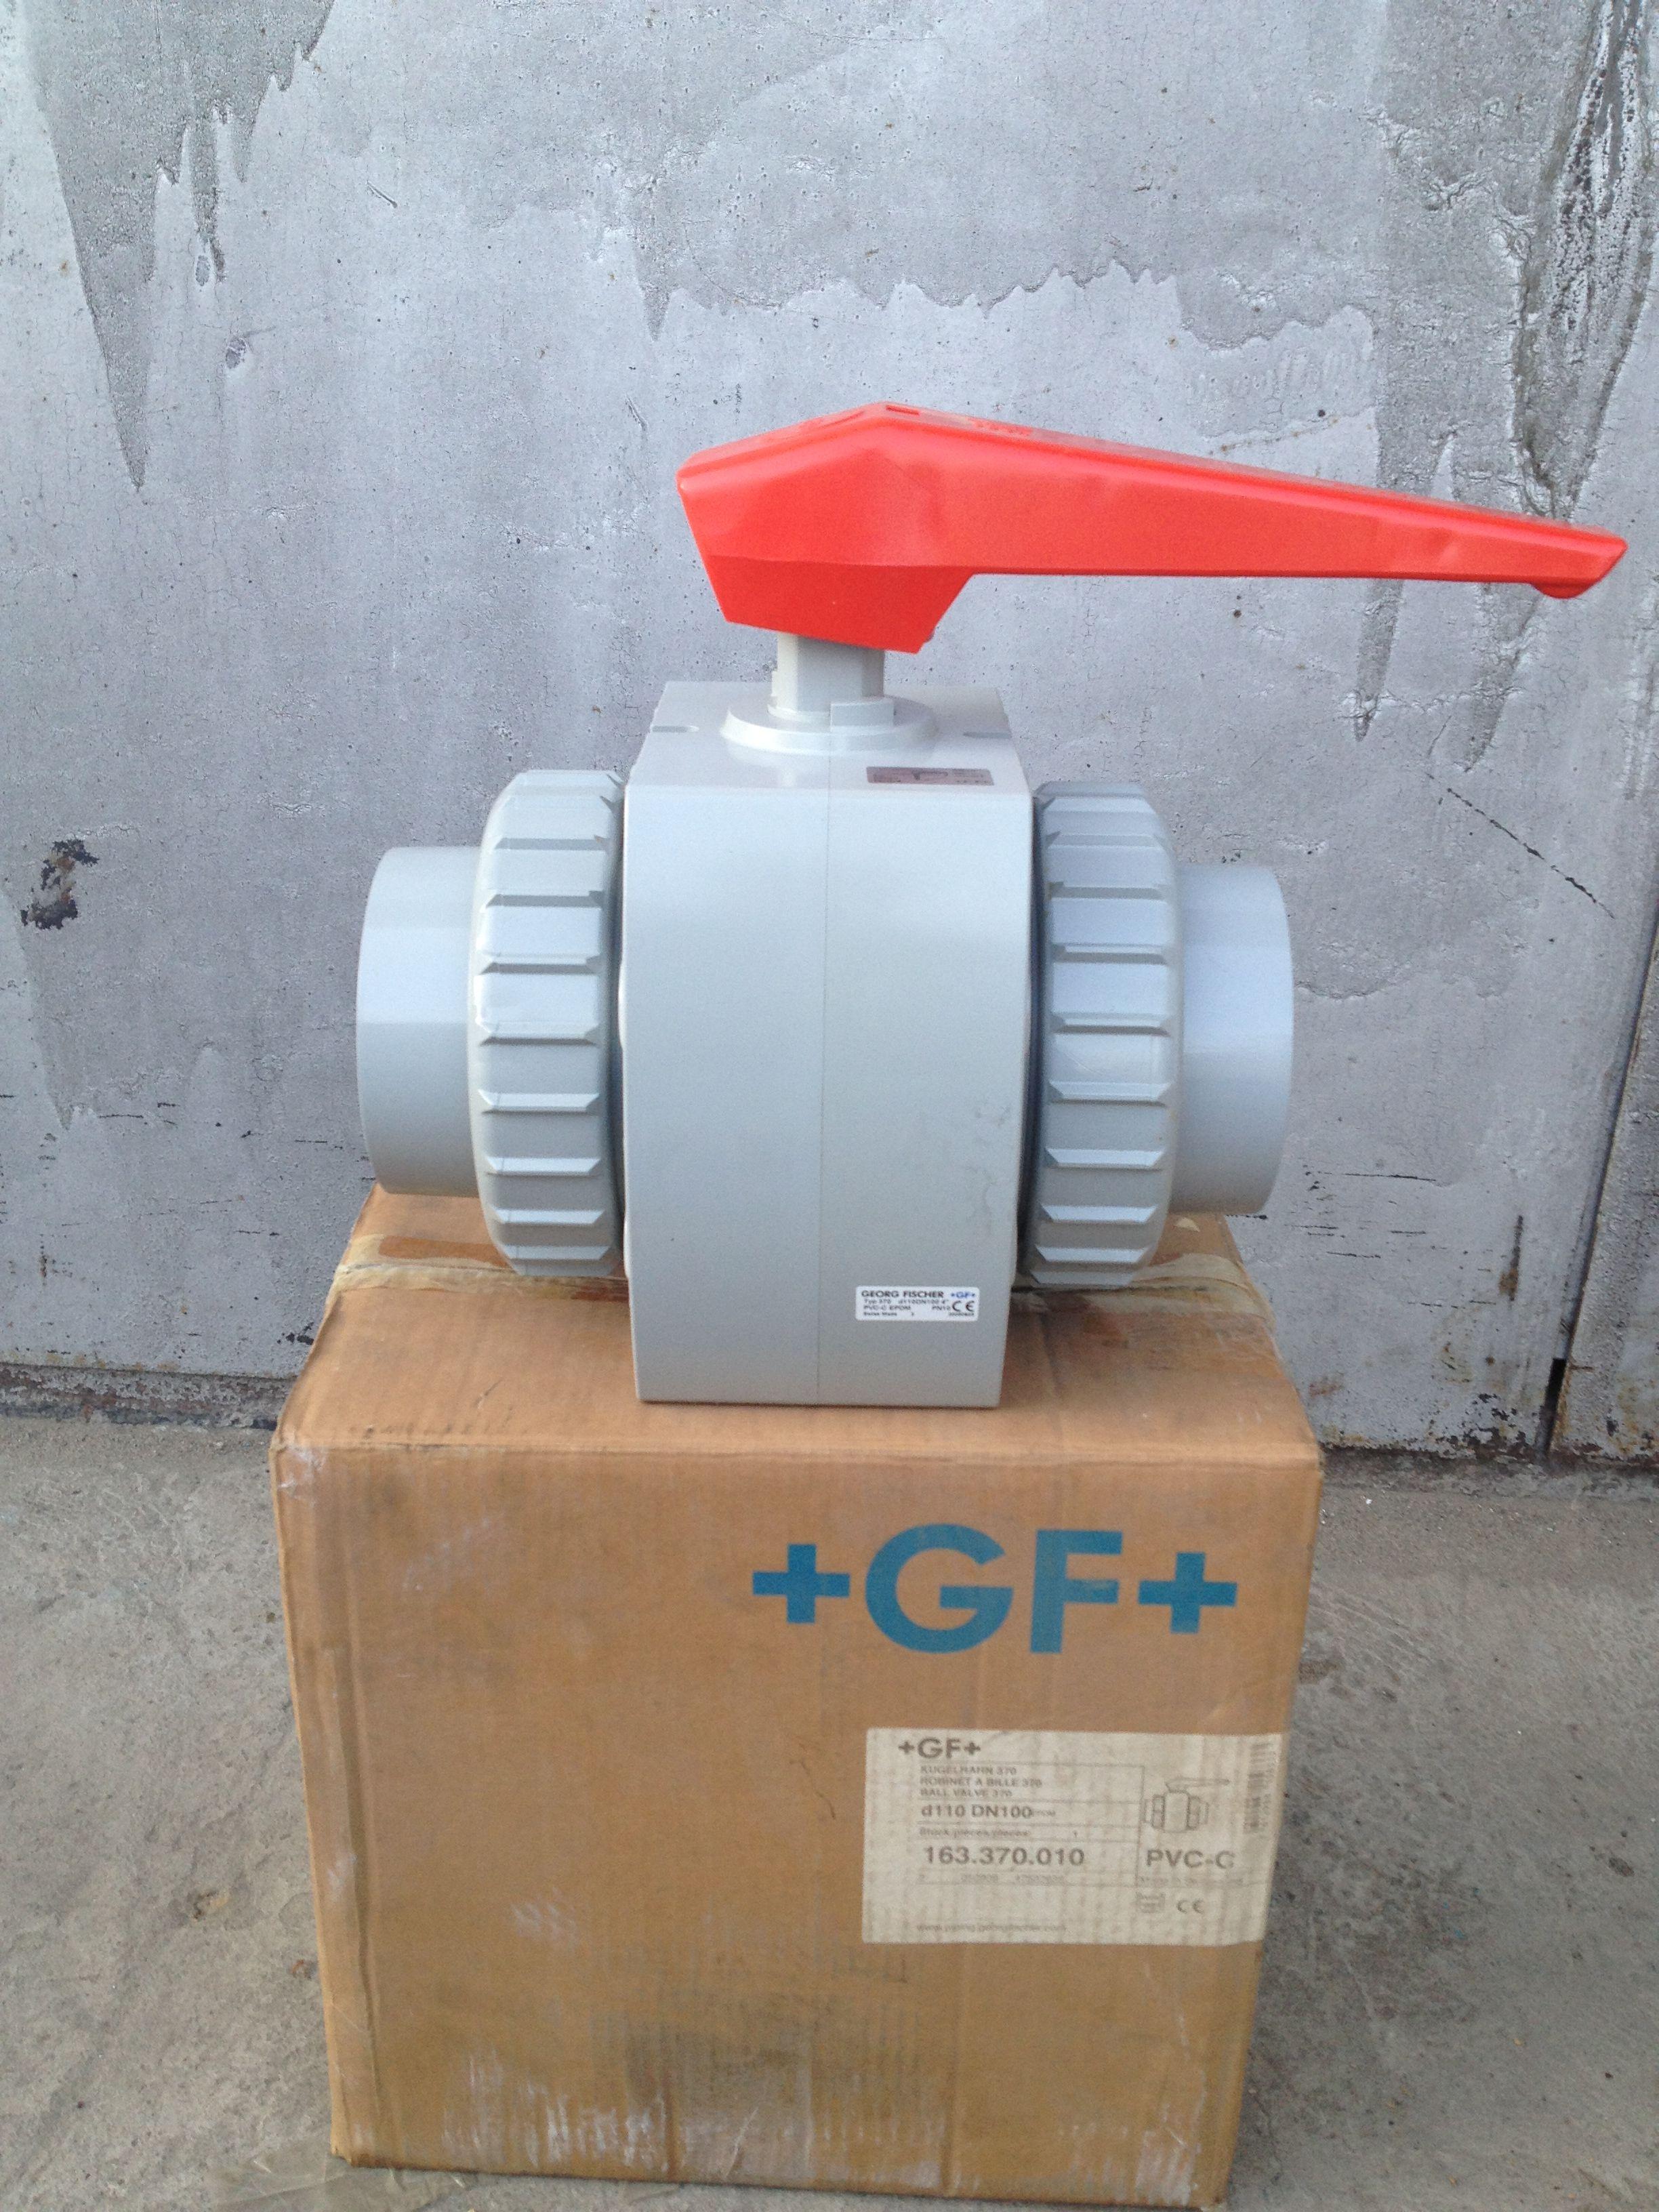 Шаровый кран +GF+ Kugelhahn 370 PVC-C  d-110 DN 100 | Шаровый кран +GF+ Kugelhahn 370 PVC-C  d-110 DN 100 | https://energo-74.ru/images/IMG_0897.JPG